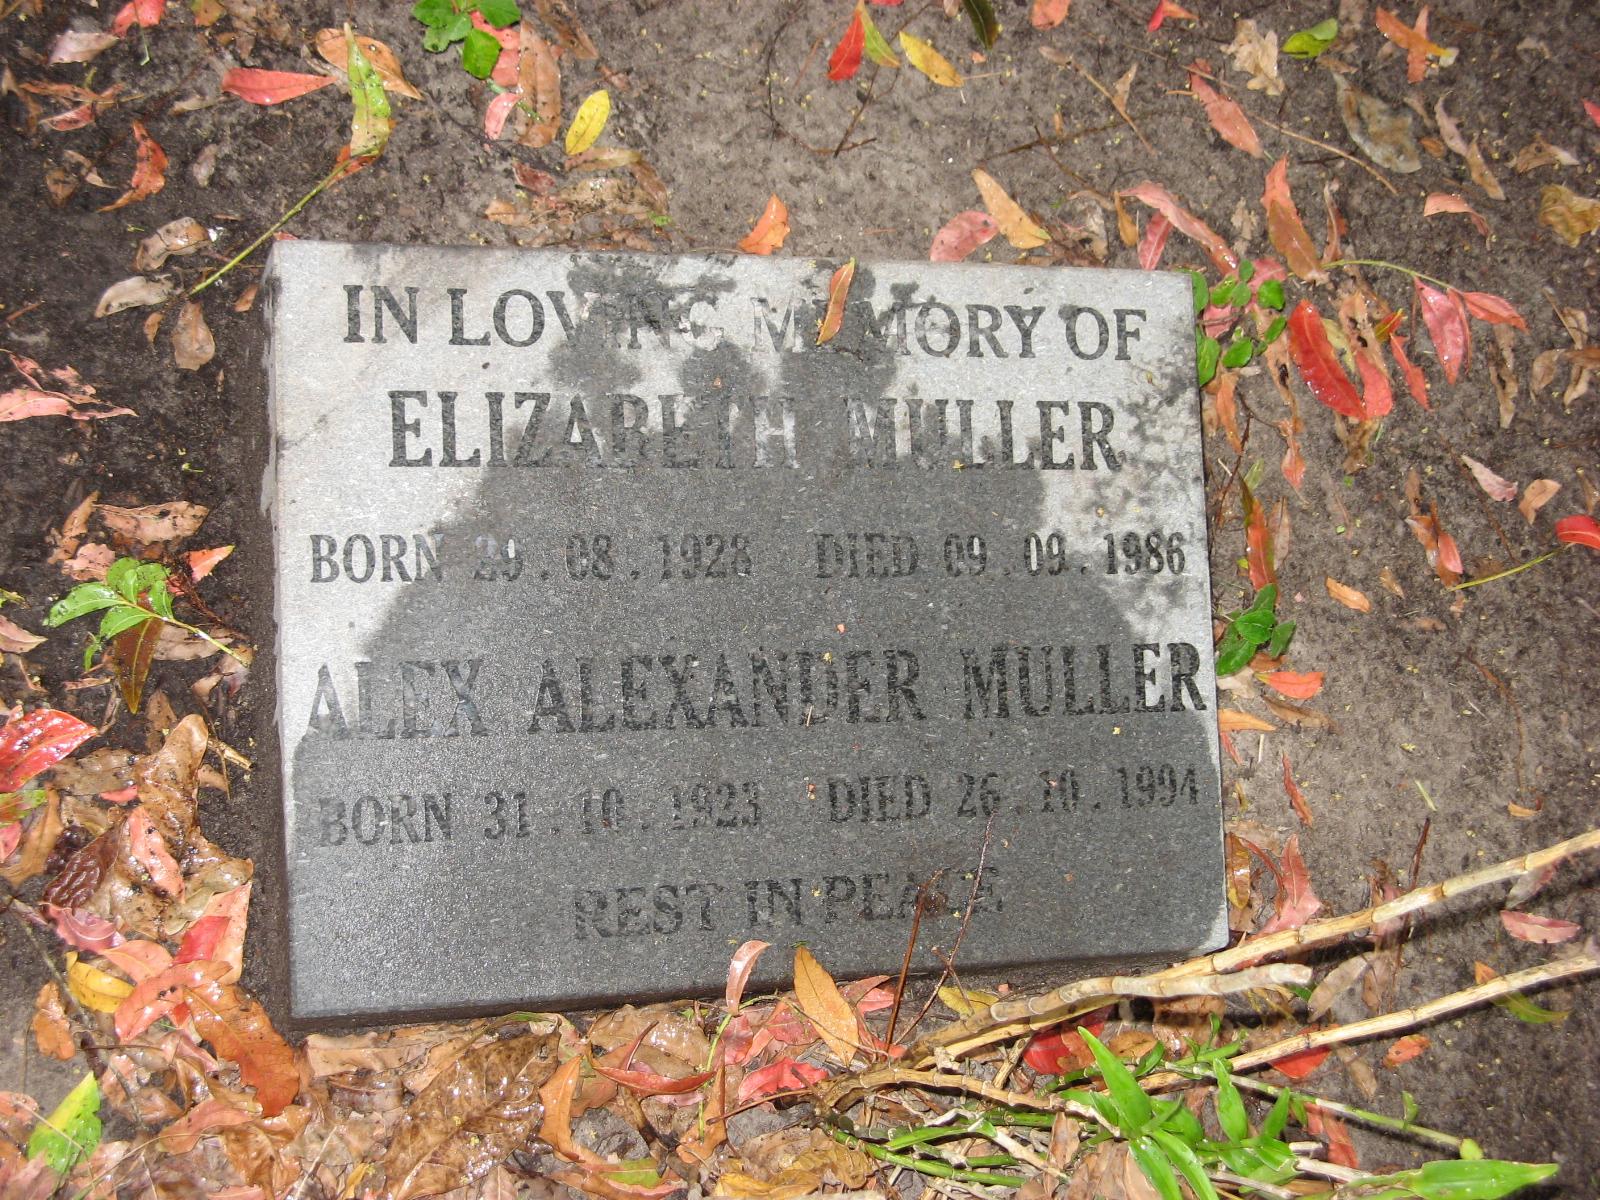 Muller, Elizabeth + Muller, Alex Alexander